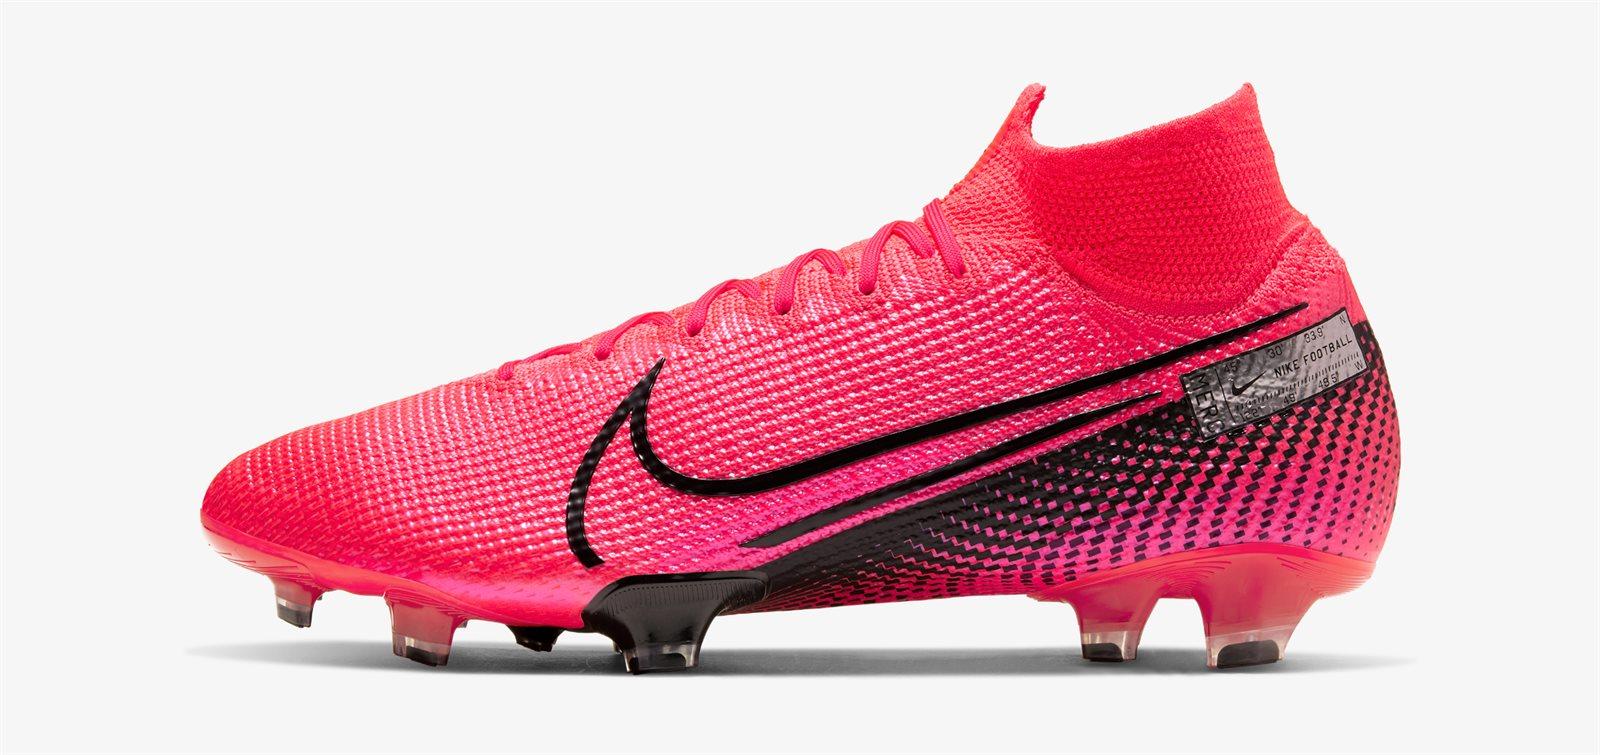 Giày Nike Mercurial Superfly 7 cao cổ với chất liệu da vải sợi dệt